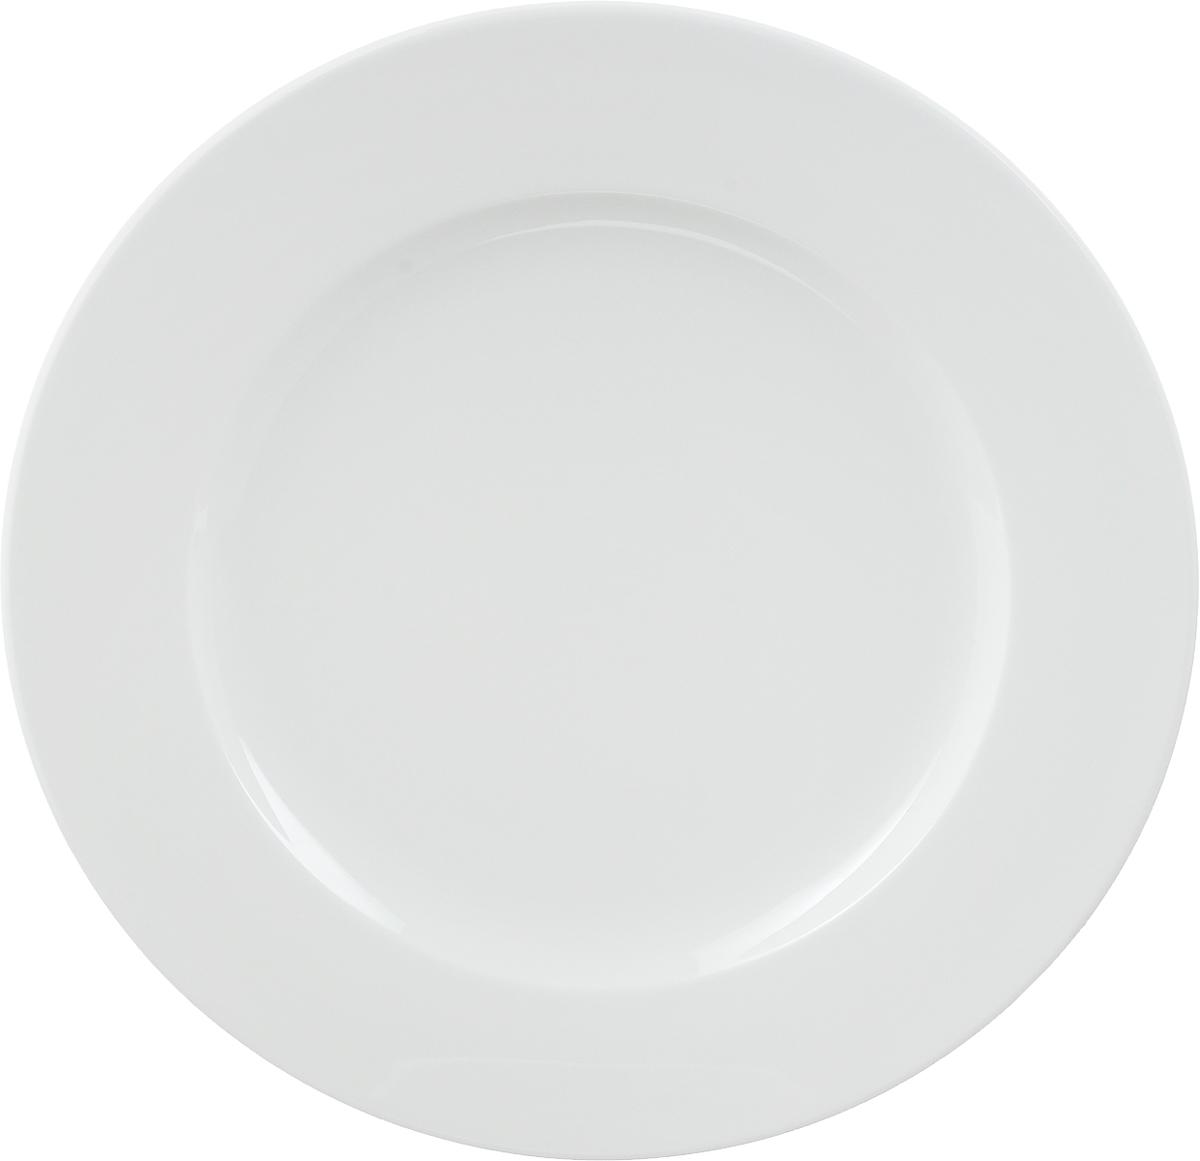 Тарелка мелкая Ariane Прайм, диаметр 31 смAPRARN11031Мелкая тарелка Ariane Прайм, изготовленная из высококачественного фарфора, имеет классическую круглую форму. Такая тарелка отлично подойдет в качестве блюда для сервировки закусок, нарезок, горячих блюд. Изделие прекрасно впишется в интерьер вашей кухни и станет достойным дополнением к кухонному инвентарю. Тарелка Ariane Прайм подчеркнет прекрасный вкус хозяйки и станет отличным подарком. Можно мыть в посудомоечной машине и использовать в микроволновой печи. Высота тарелки: 2 см. Диаметр тарелки: 31 см.